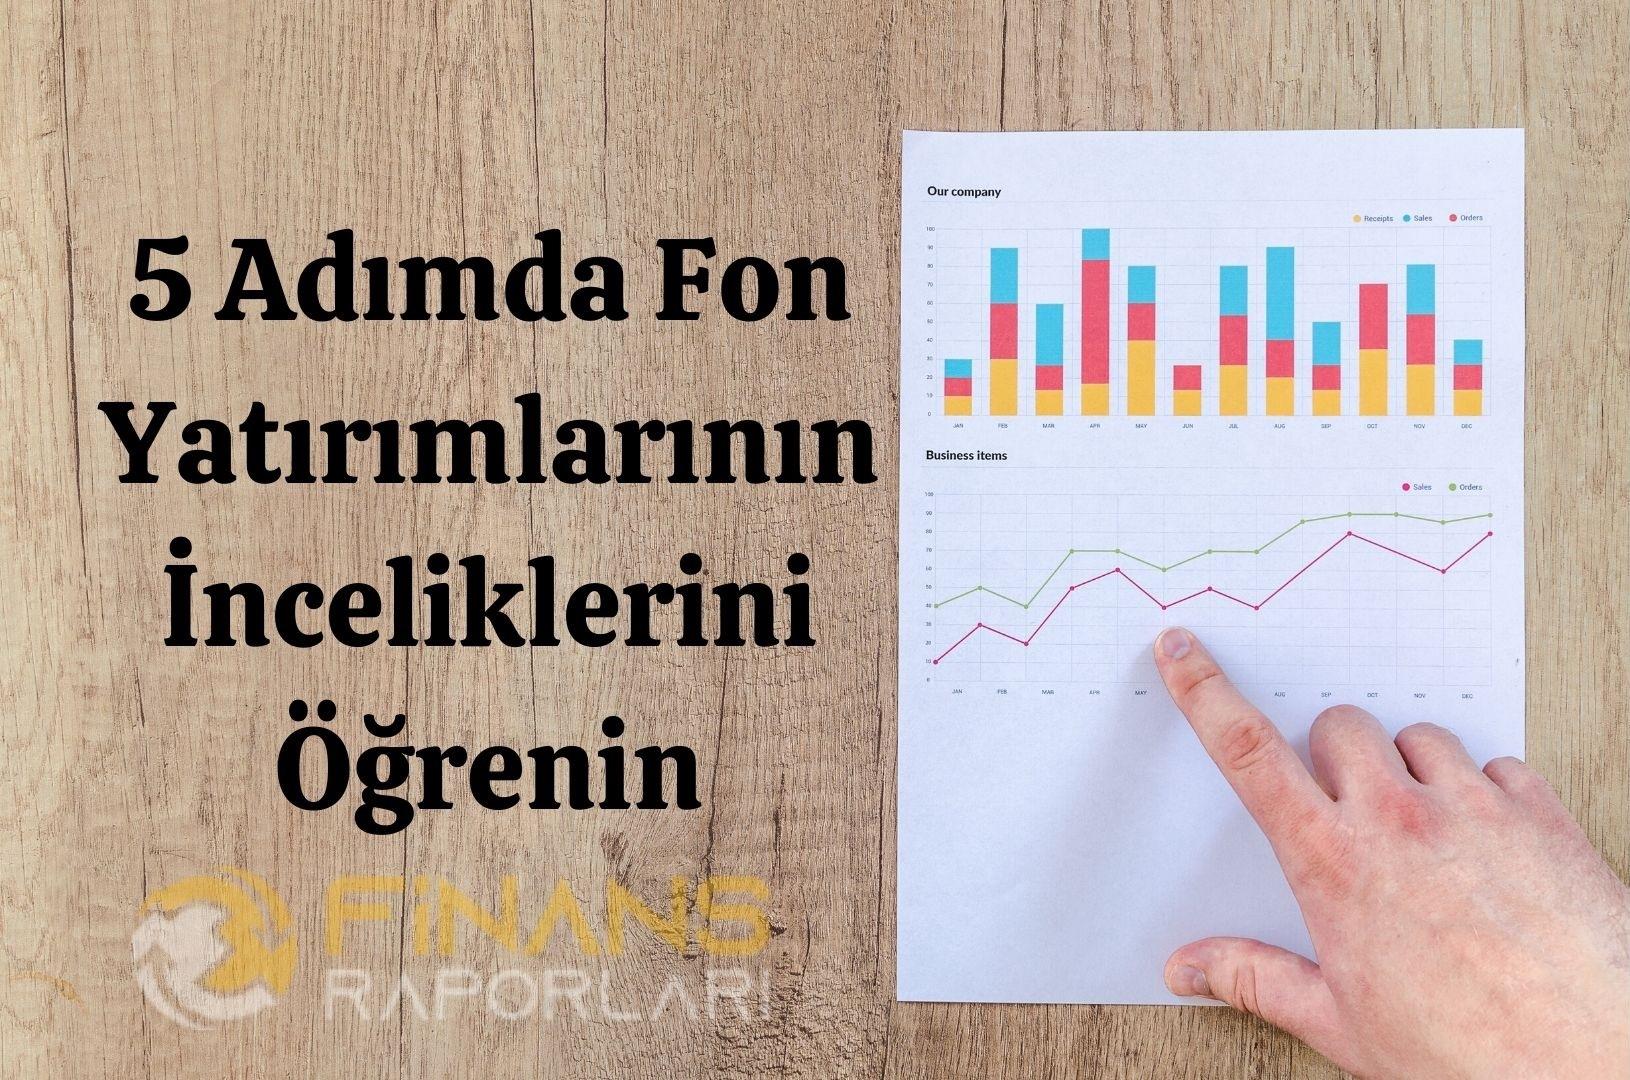 Fon Yatırımlarının İnceliklerini Öğrenin